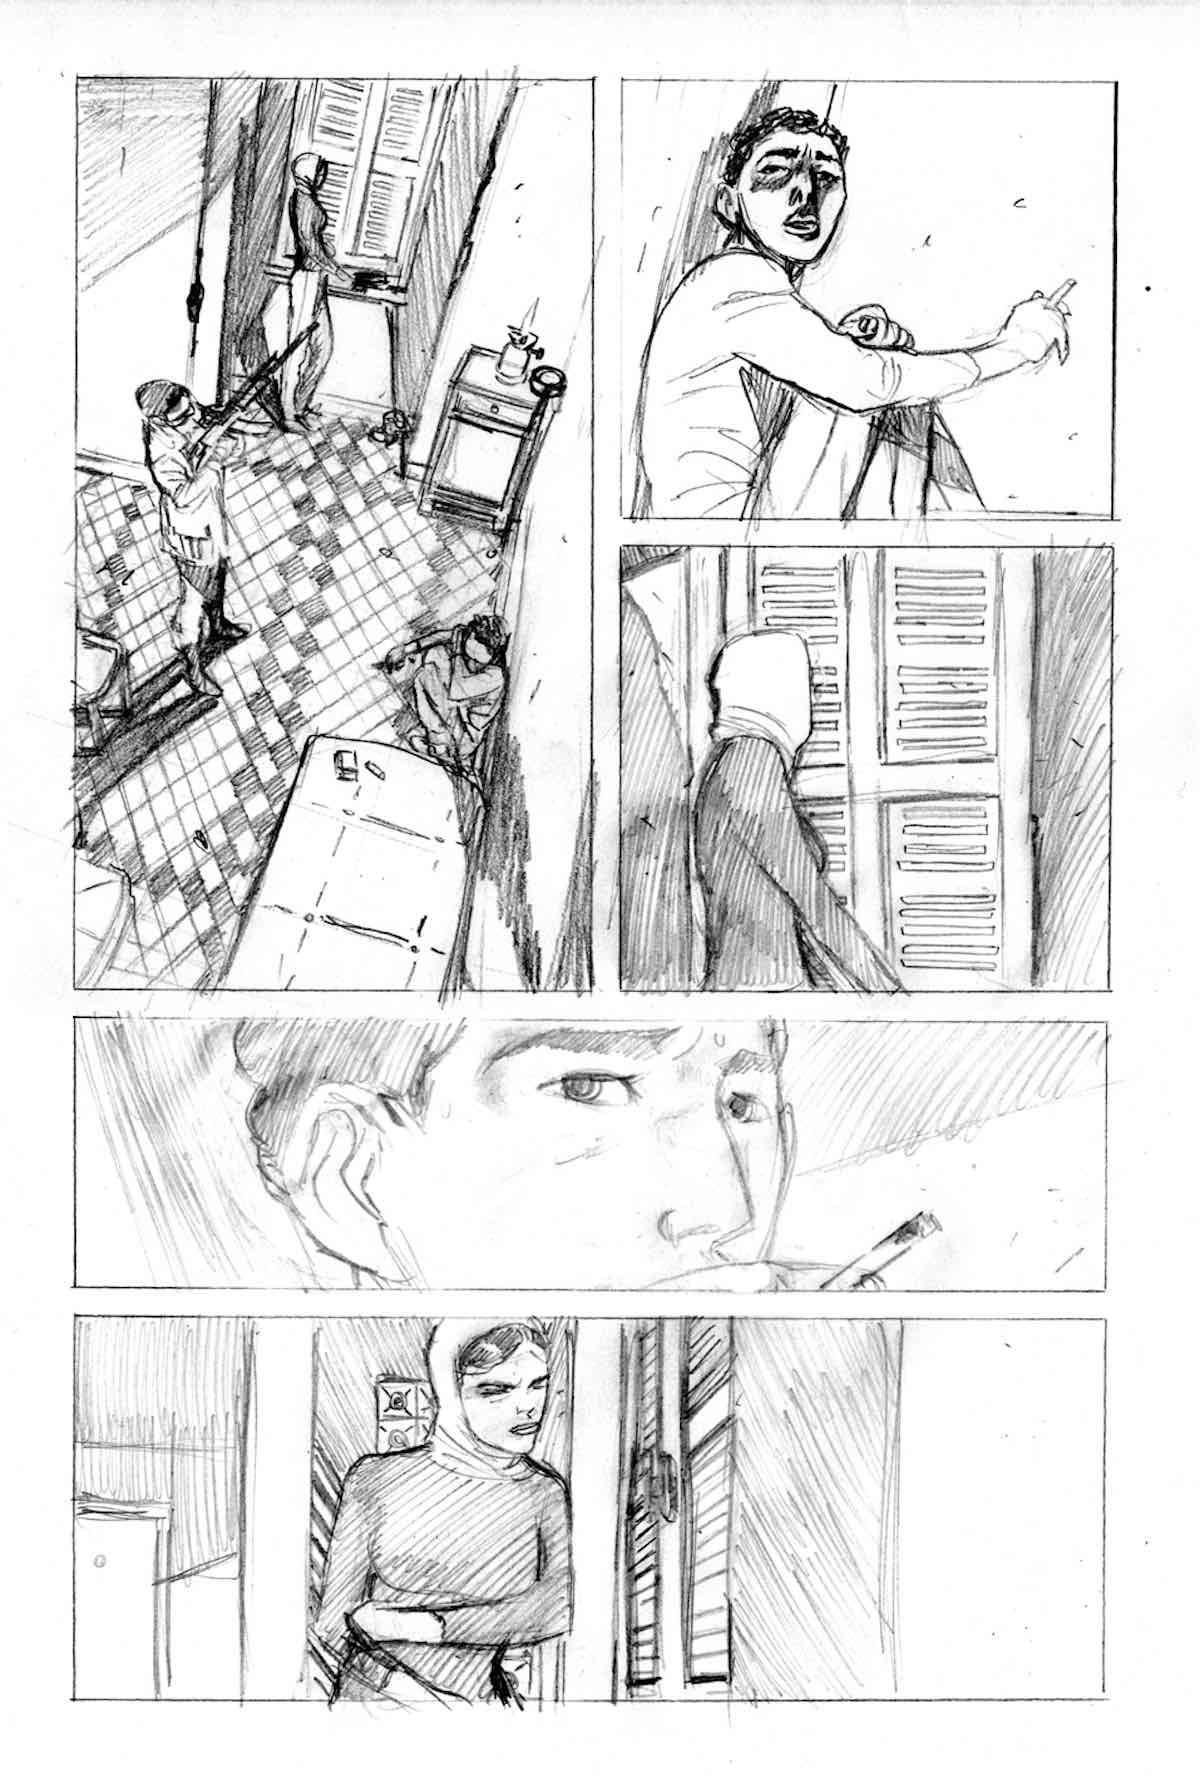 Le tavole a matita de 'Il Corvo: memento mori'